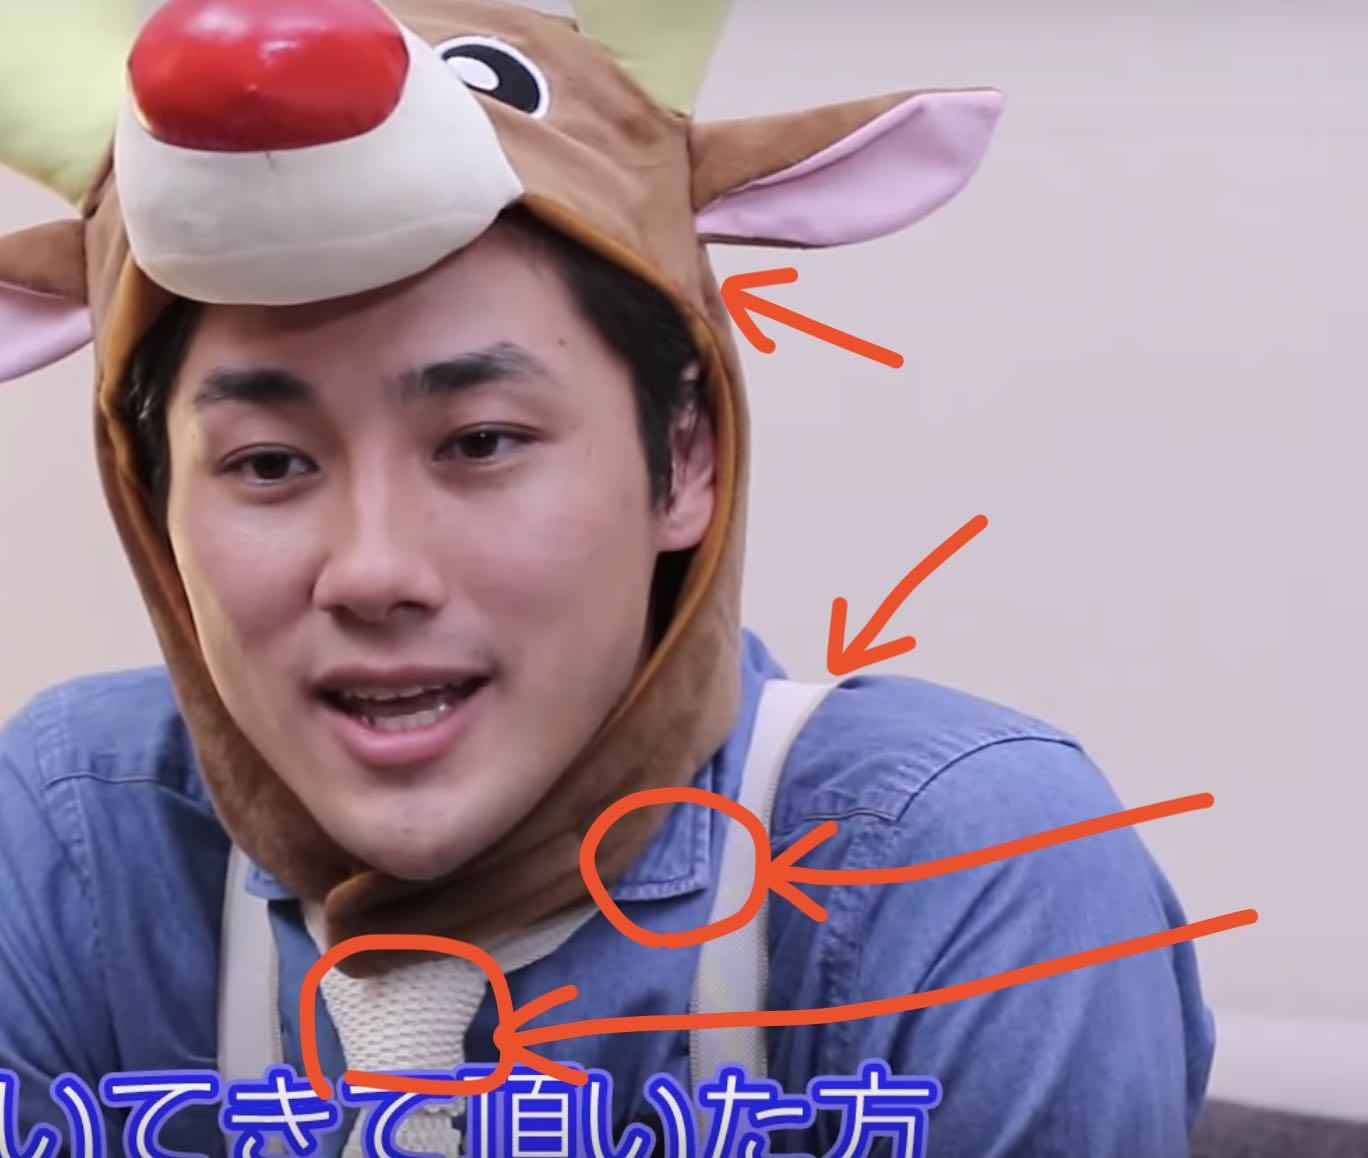 真田光世が安物の服をきてるようにしか見えない